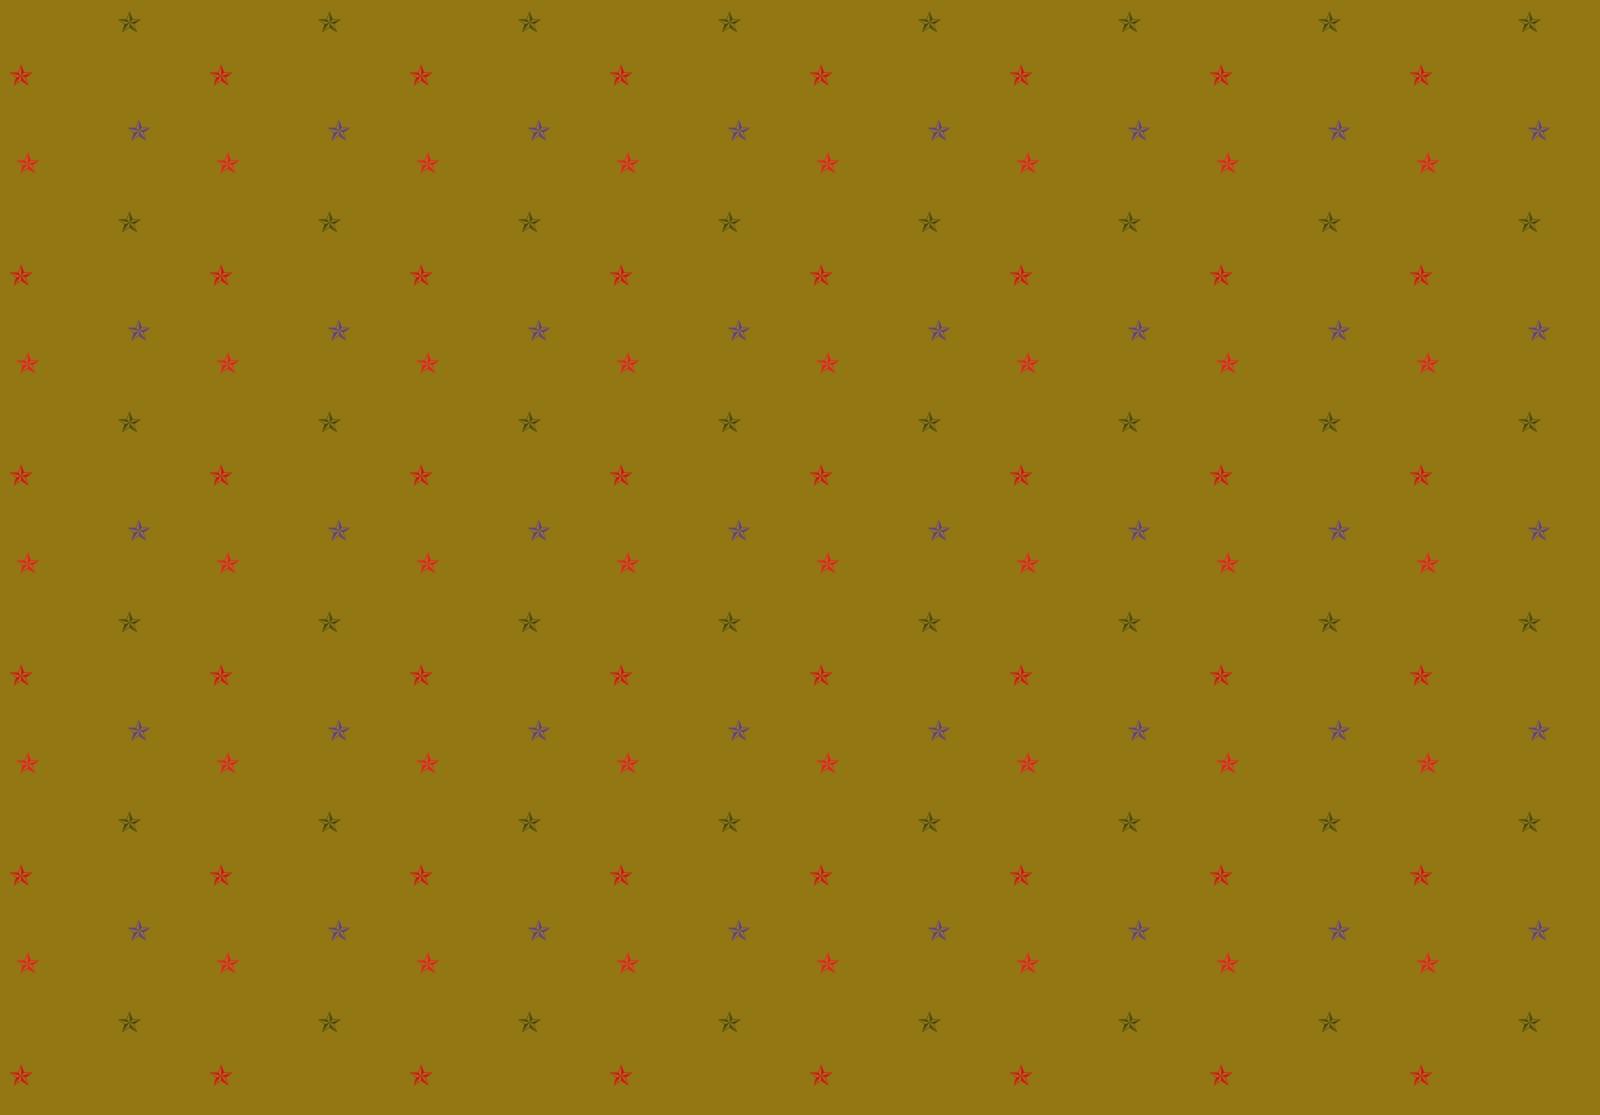 http://2.bp.blogspot.com/-ImXA3-ARMbY/UvvVlY4lorI/AAAAAAAAR8M/339F3N9hFQ0/s1600/Trimgym's+Mini+Stars2.jpg